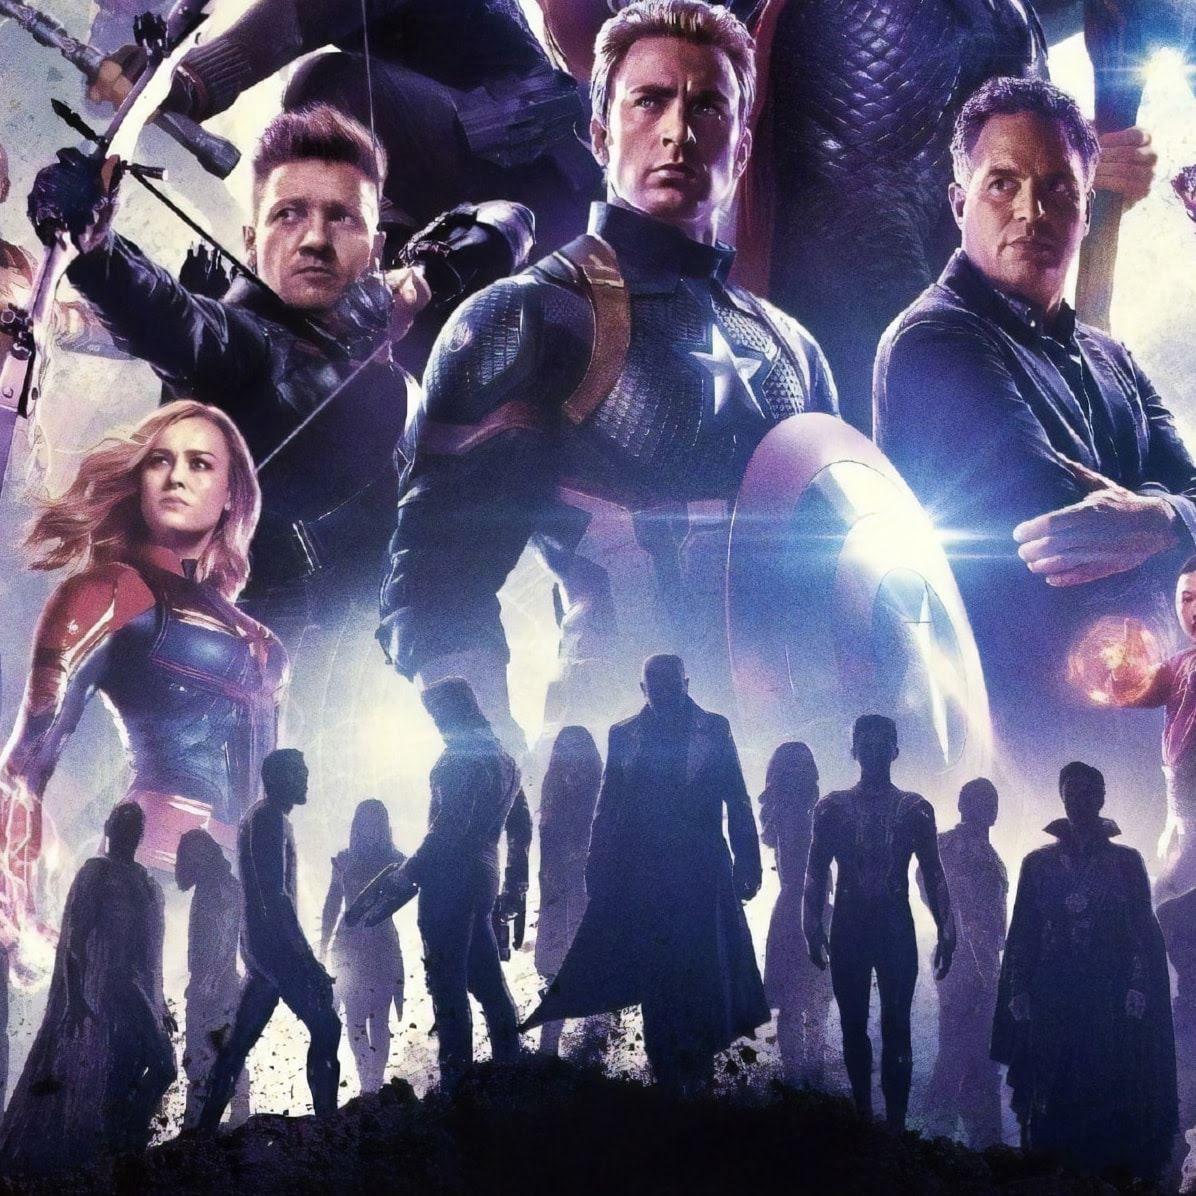 Avengers Endgame Textless Poster : マーベルのヒーロー大集合映画のクライマックス「アベンジャーズ : エンドゲーム」の海外版ポスターに、映画のタイトルや出演者の名前の文字を配置する前の素のオリジナル・アートの原画ポスター ! !